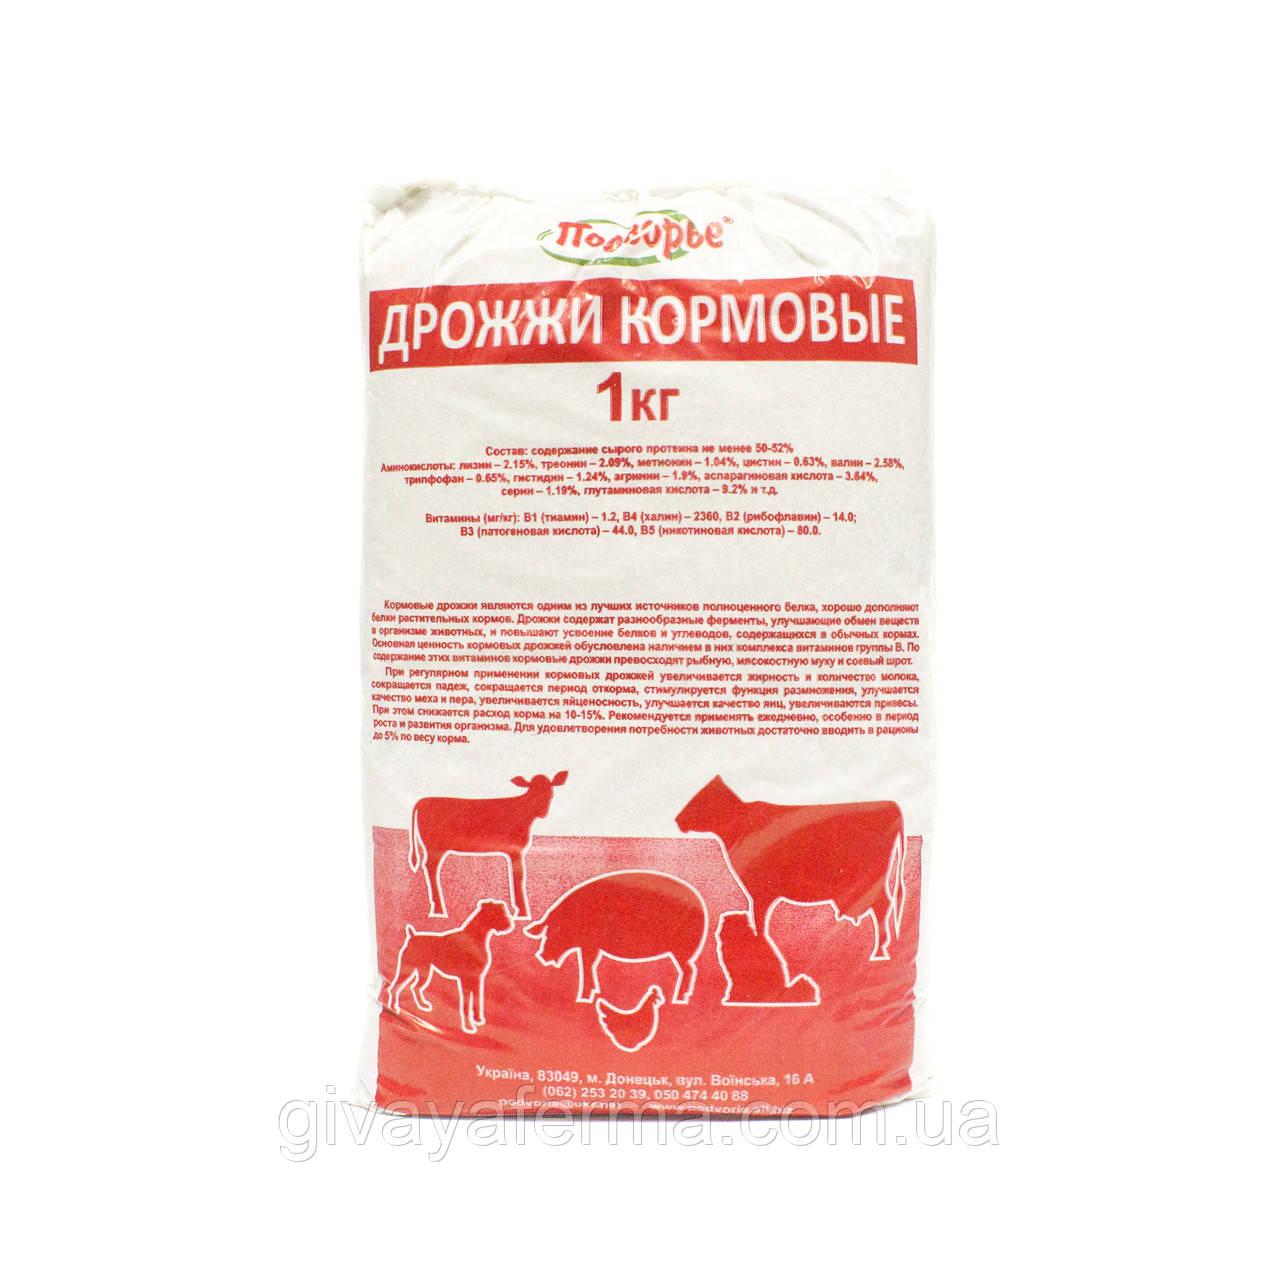 Дрожжи кормовые Протеин 39%,1 кг, добавка в корм